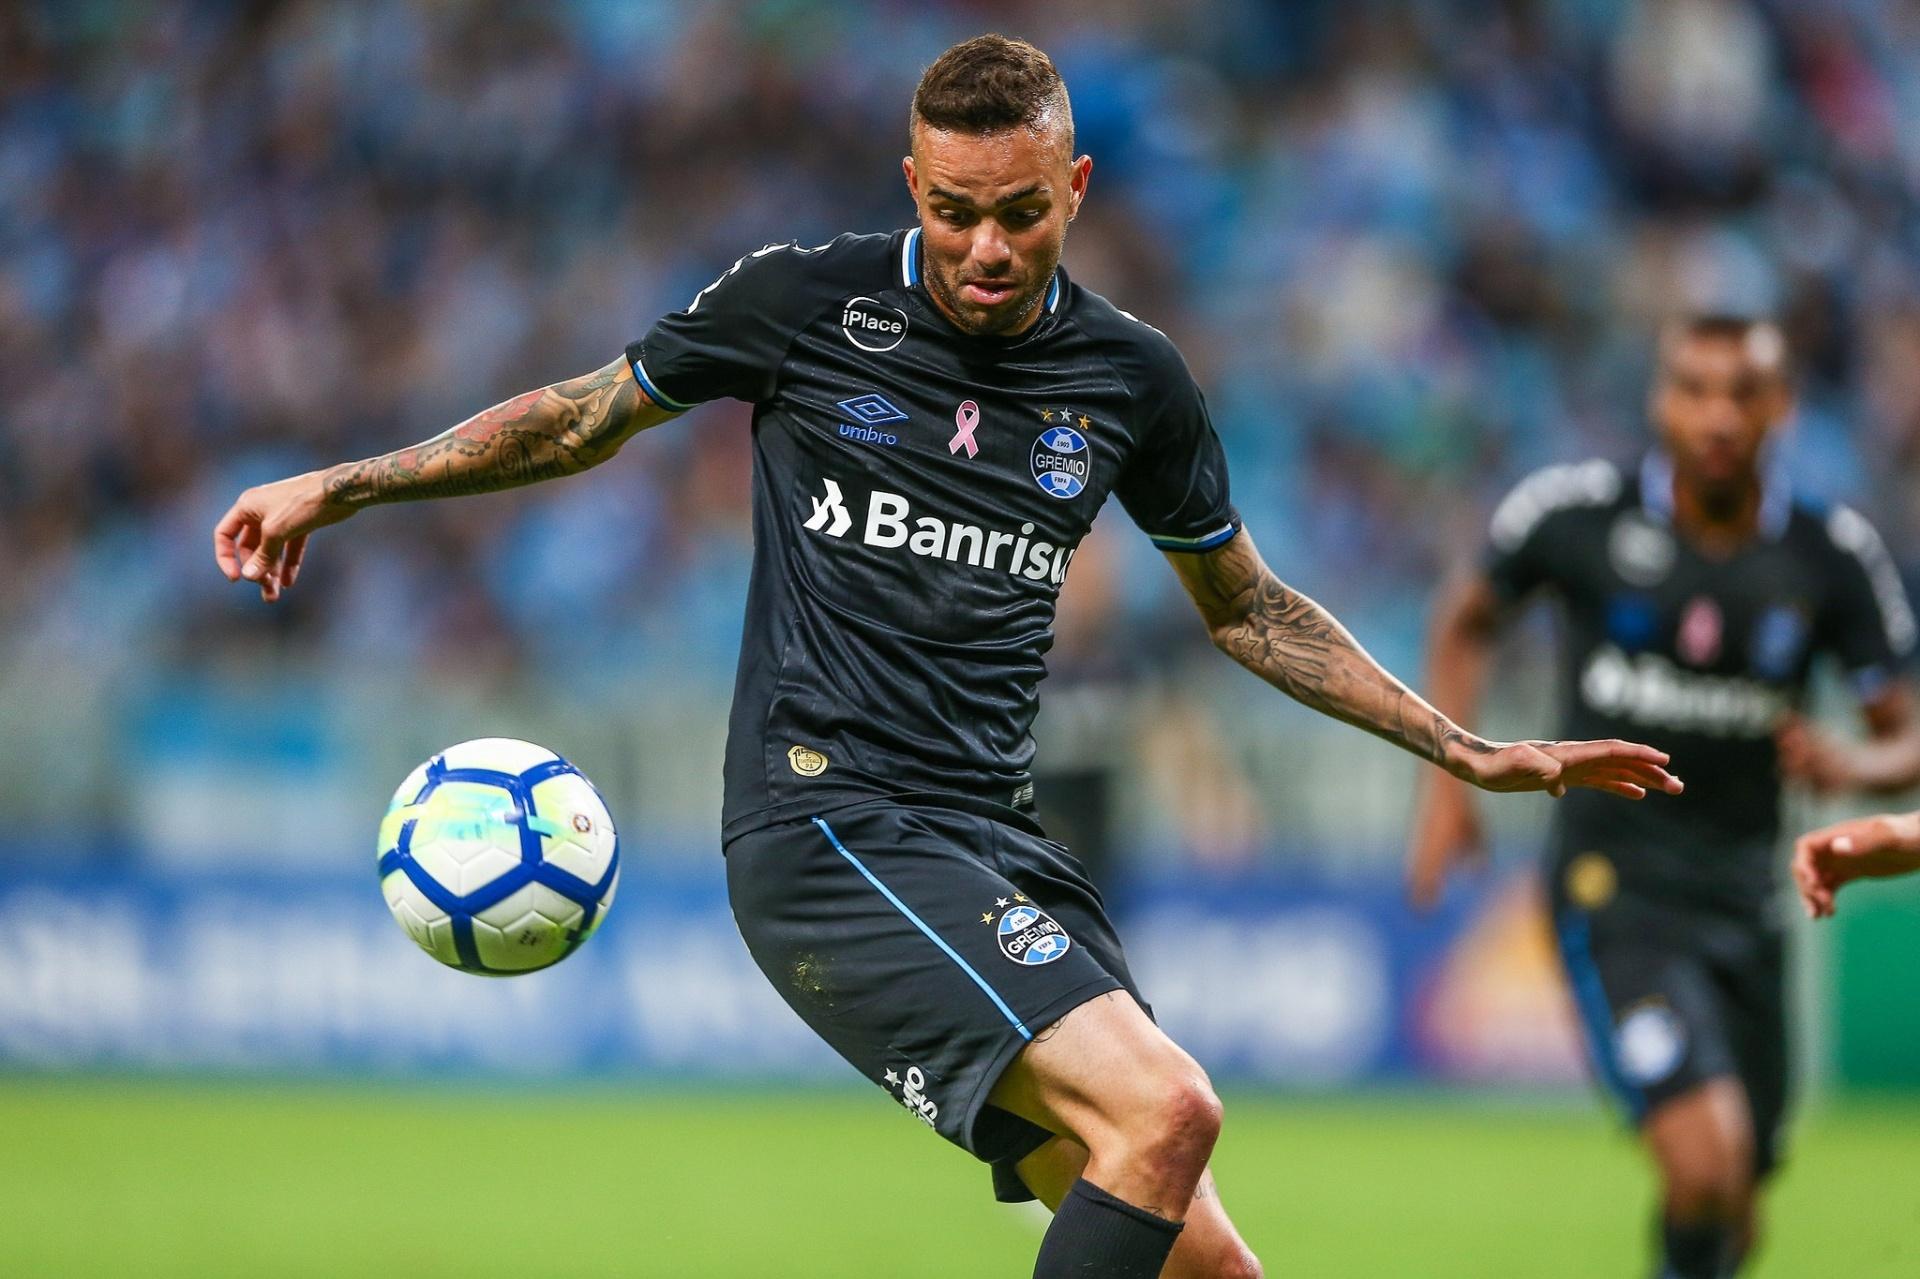 Grêmio empata com Bahia no fim e perde chance de ser vice-líder -  06 10 2018 - UOL Esporte 6bd9d95aff761